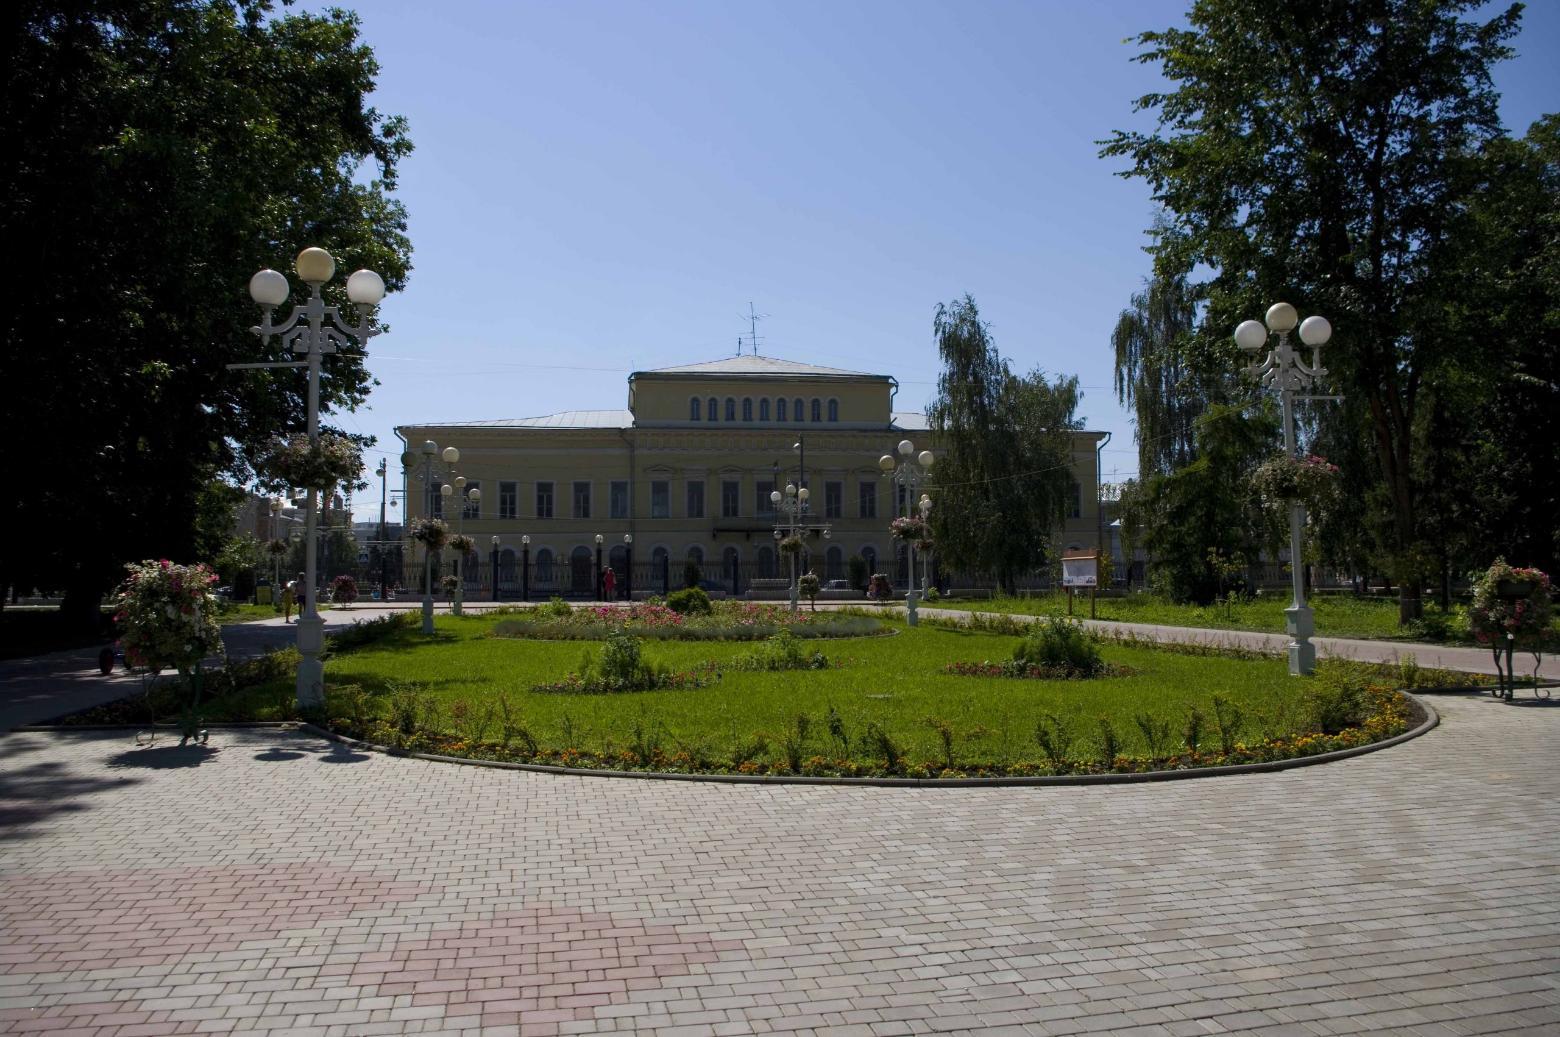 Дом офицеров в Твери планируют отремонтировать в 2022 году